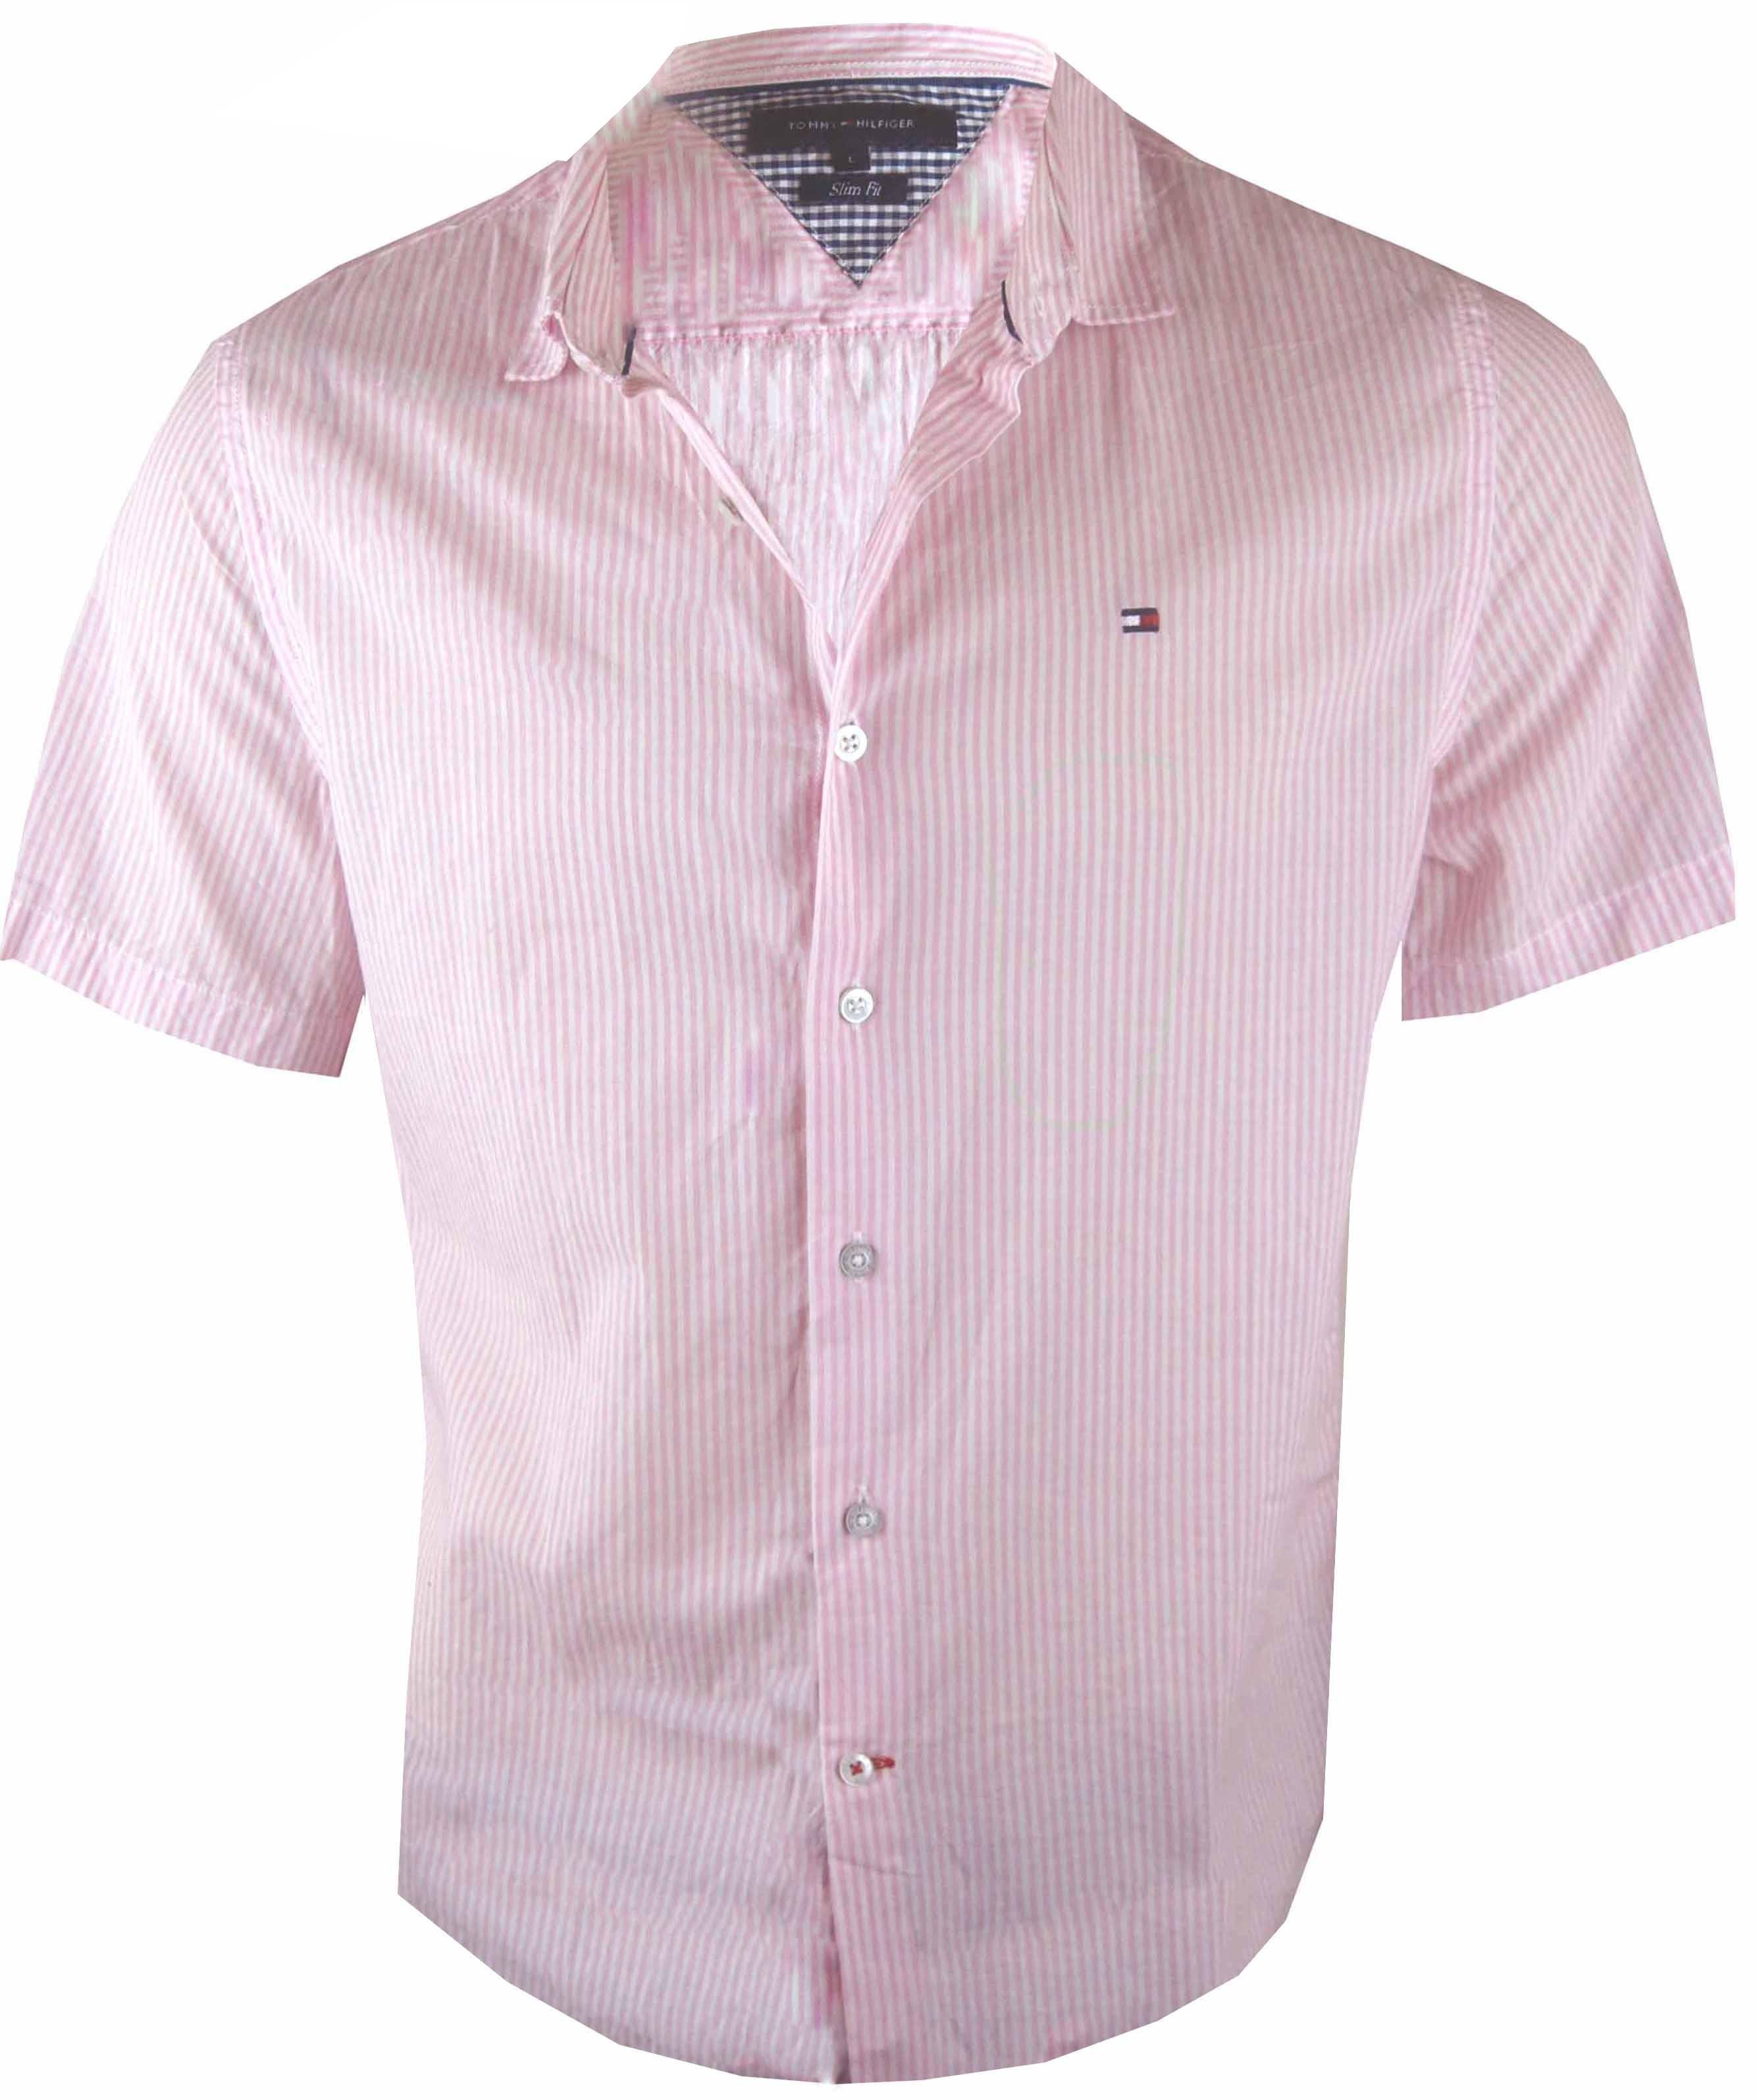 Tommy Hilfiger Pánská košile Tommy Hilfiiger 9380 - Glami.cz 0cffb1bfb2